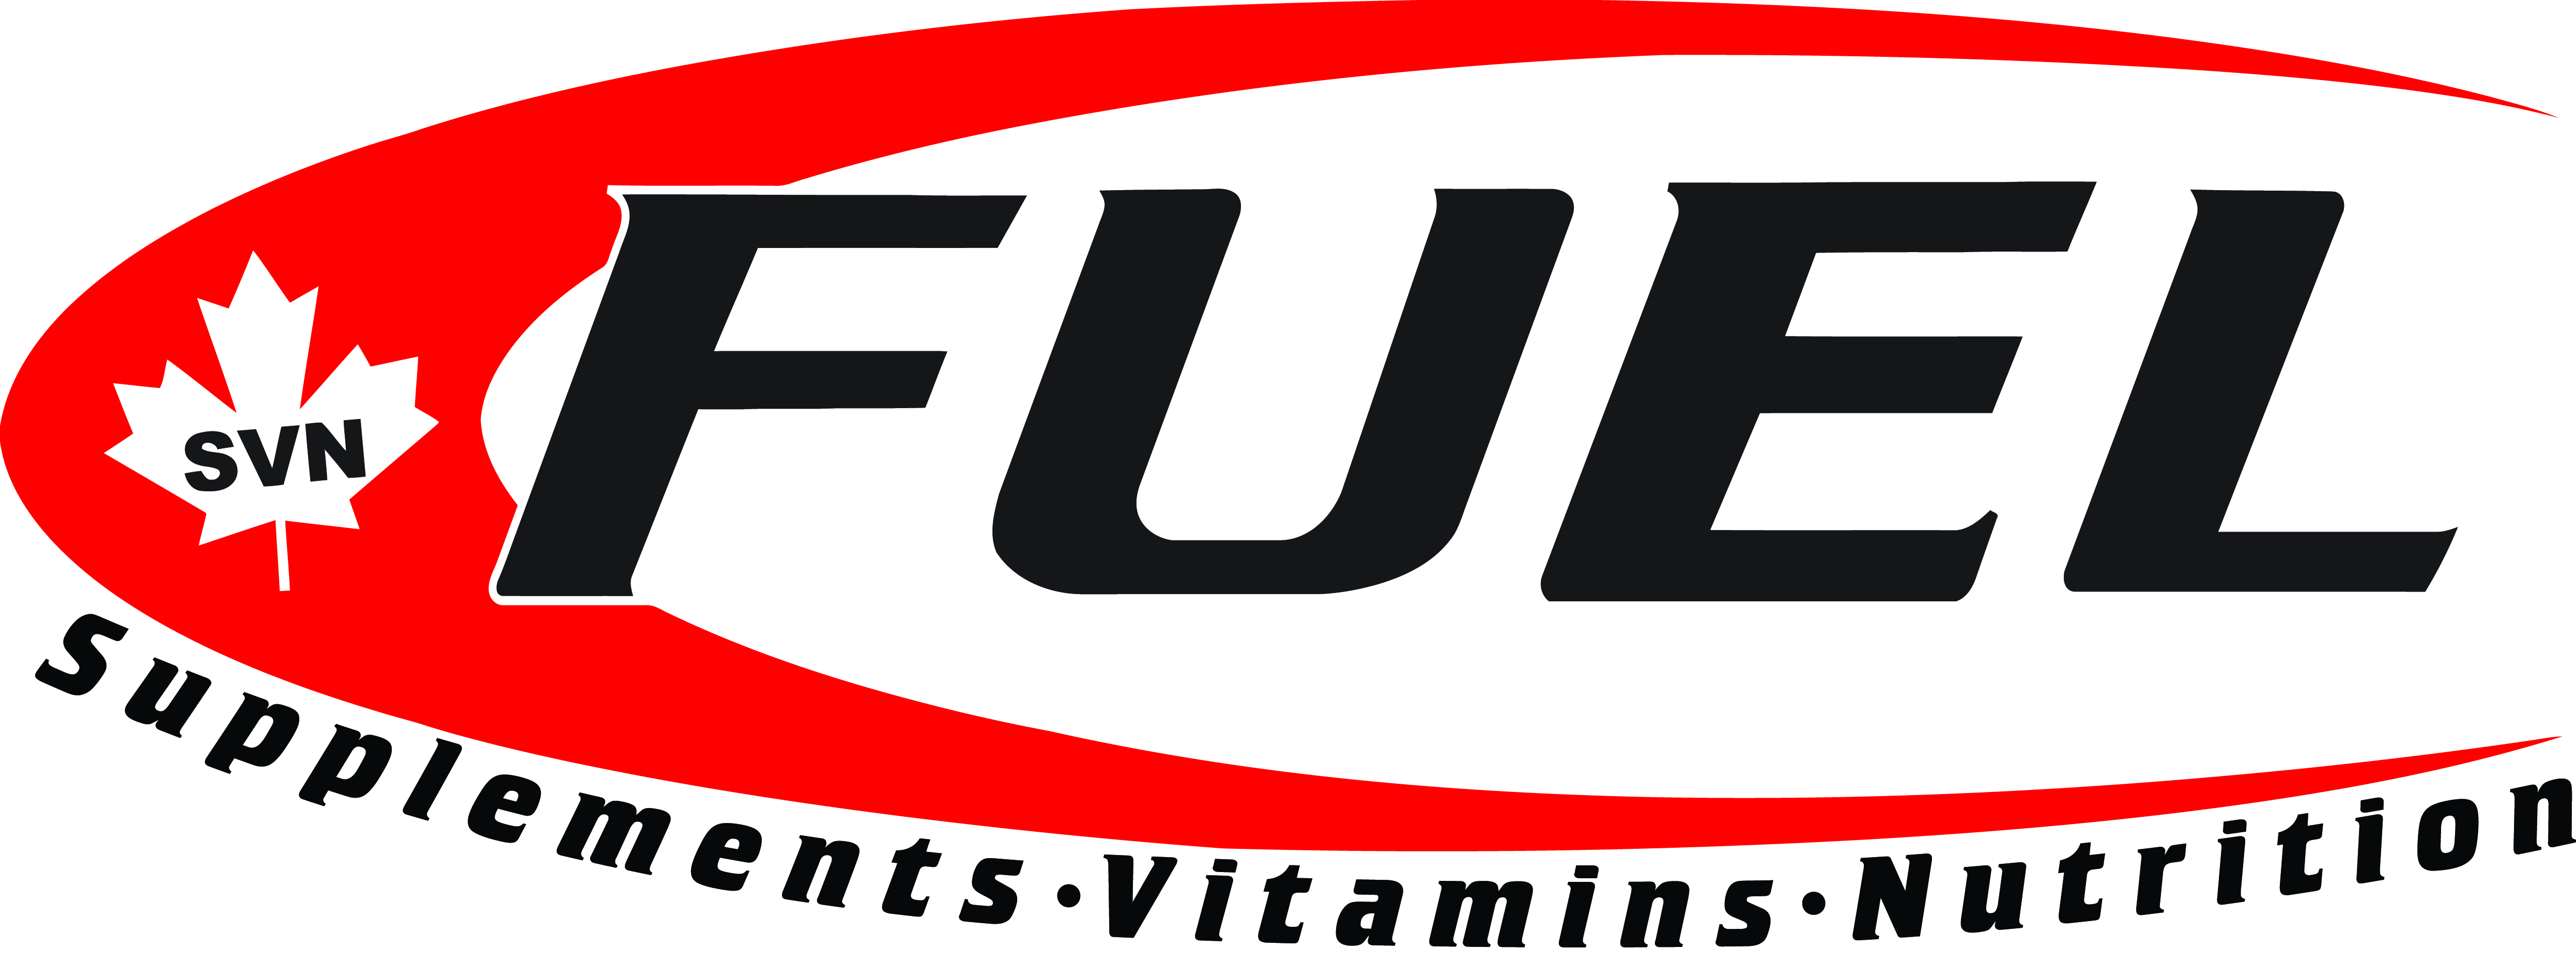 Fuel Supplements